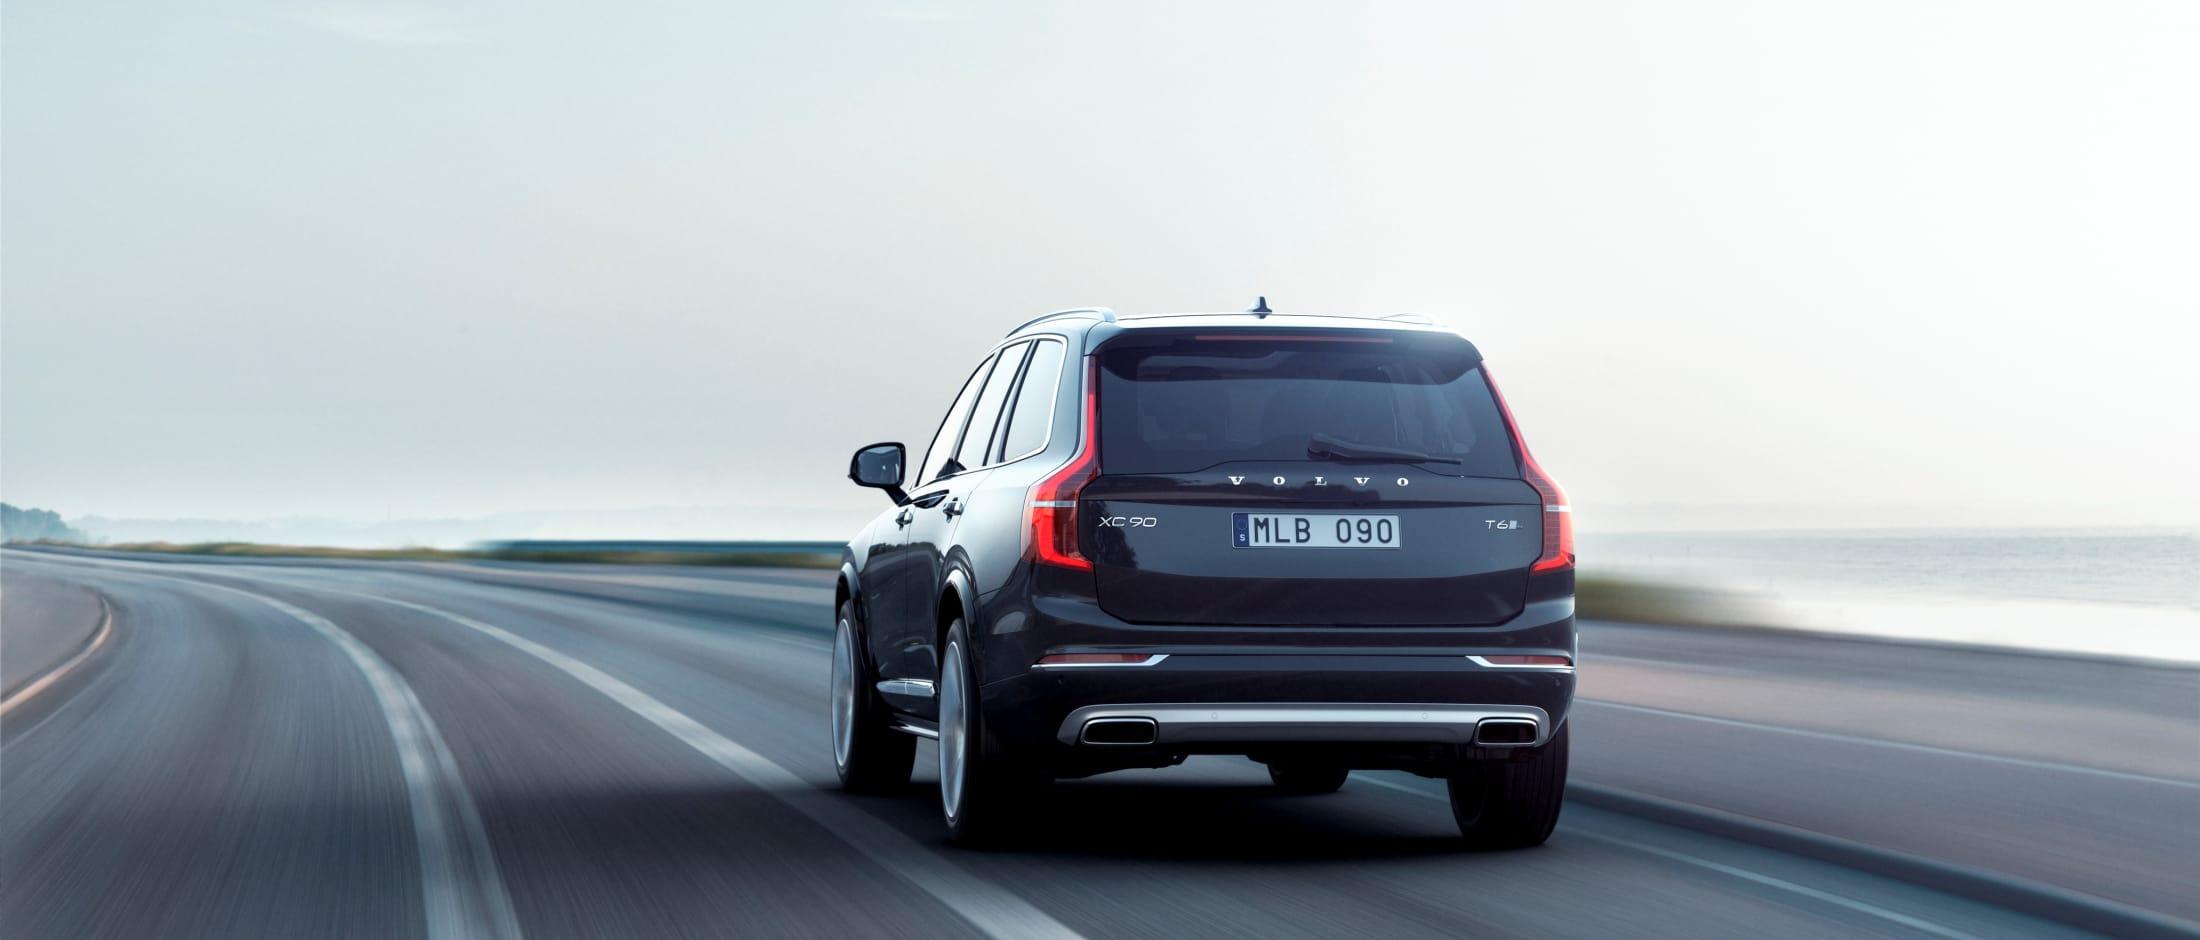 Sort Volvo XC90 Inscription kjører på veien under lys himmel